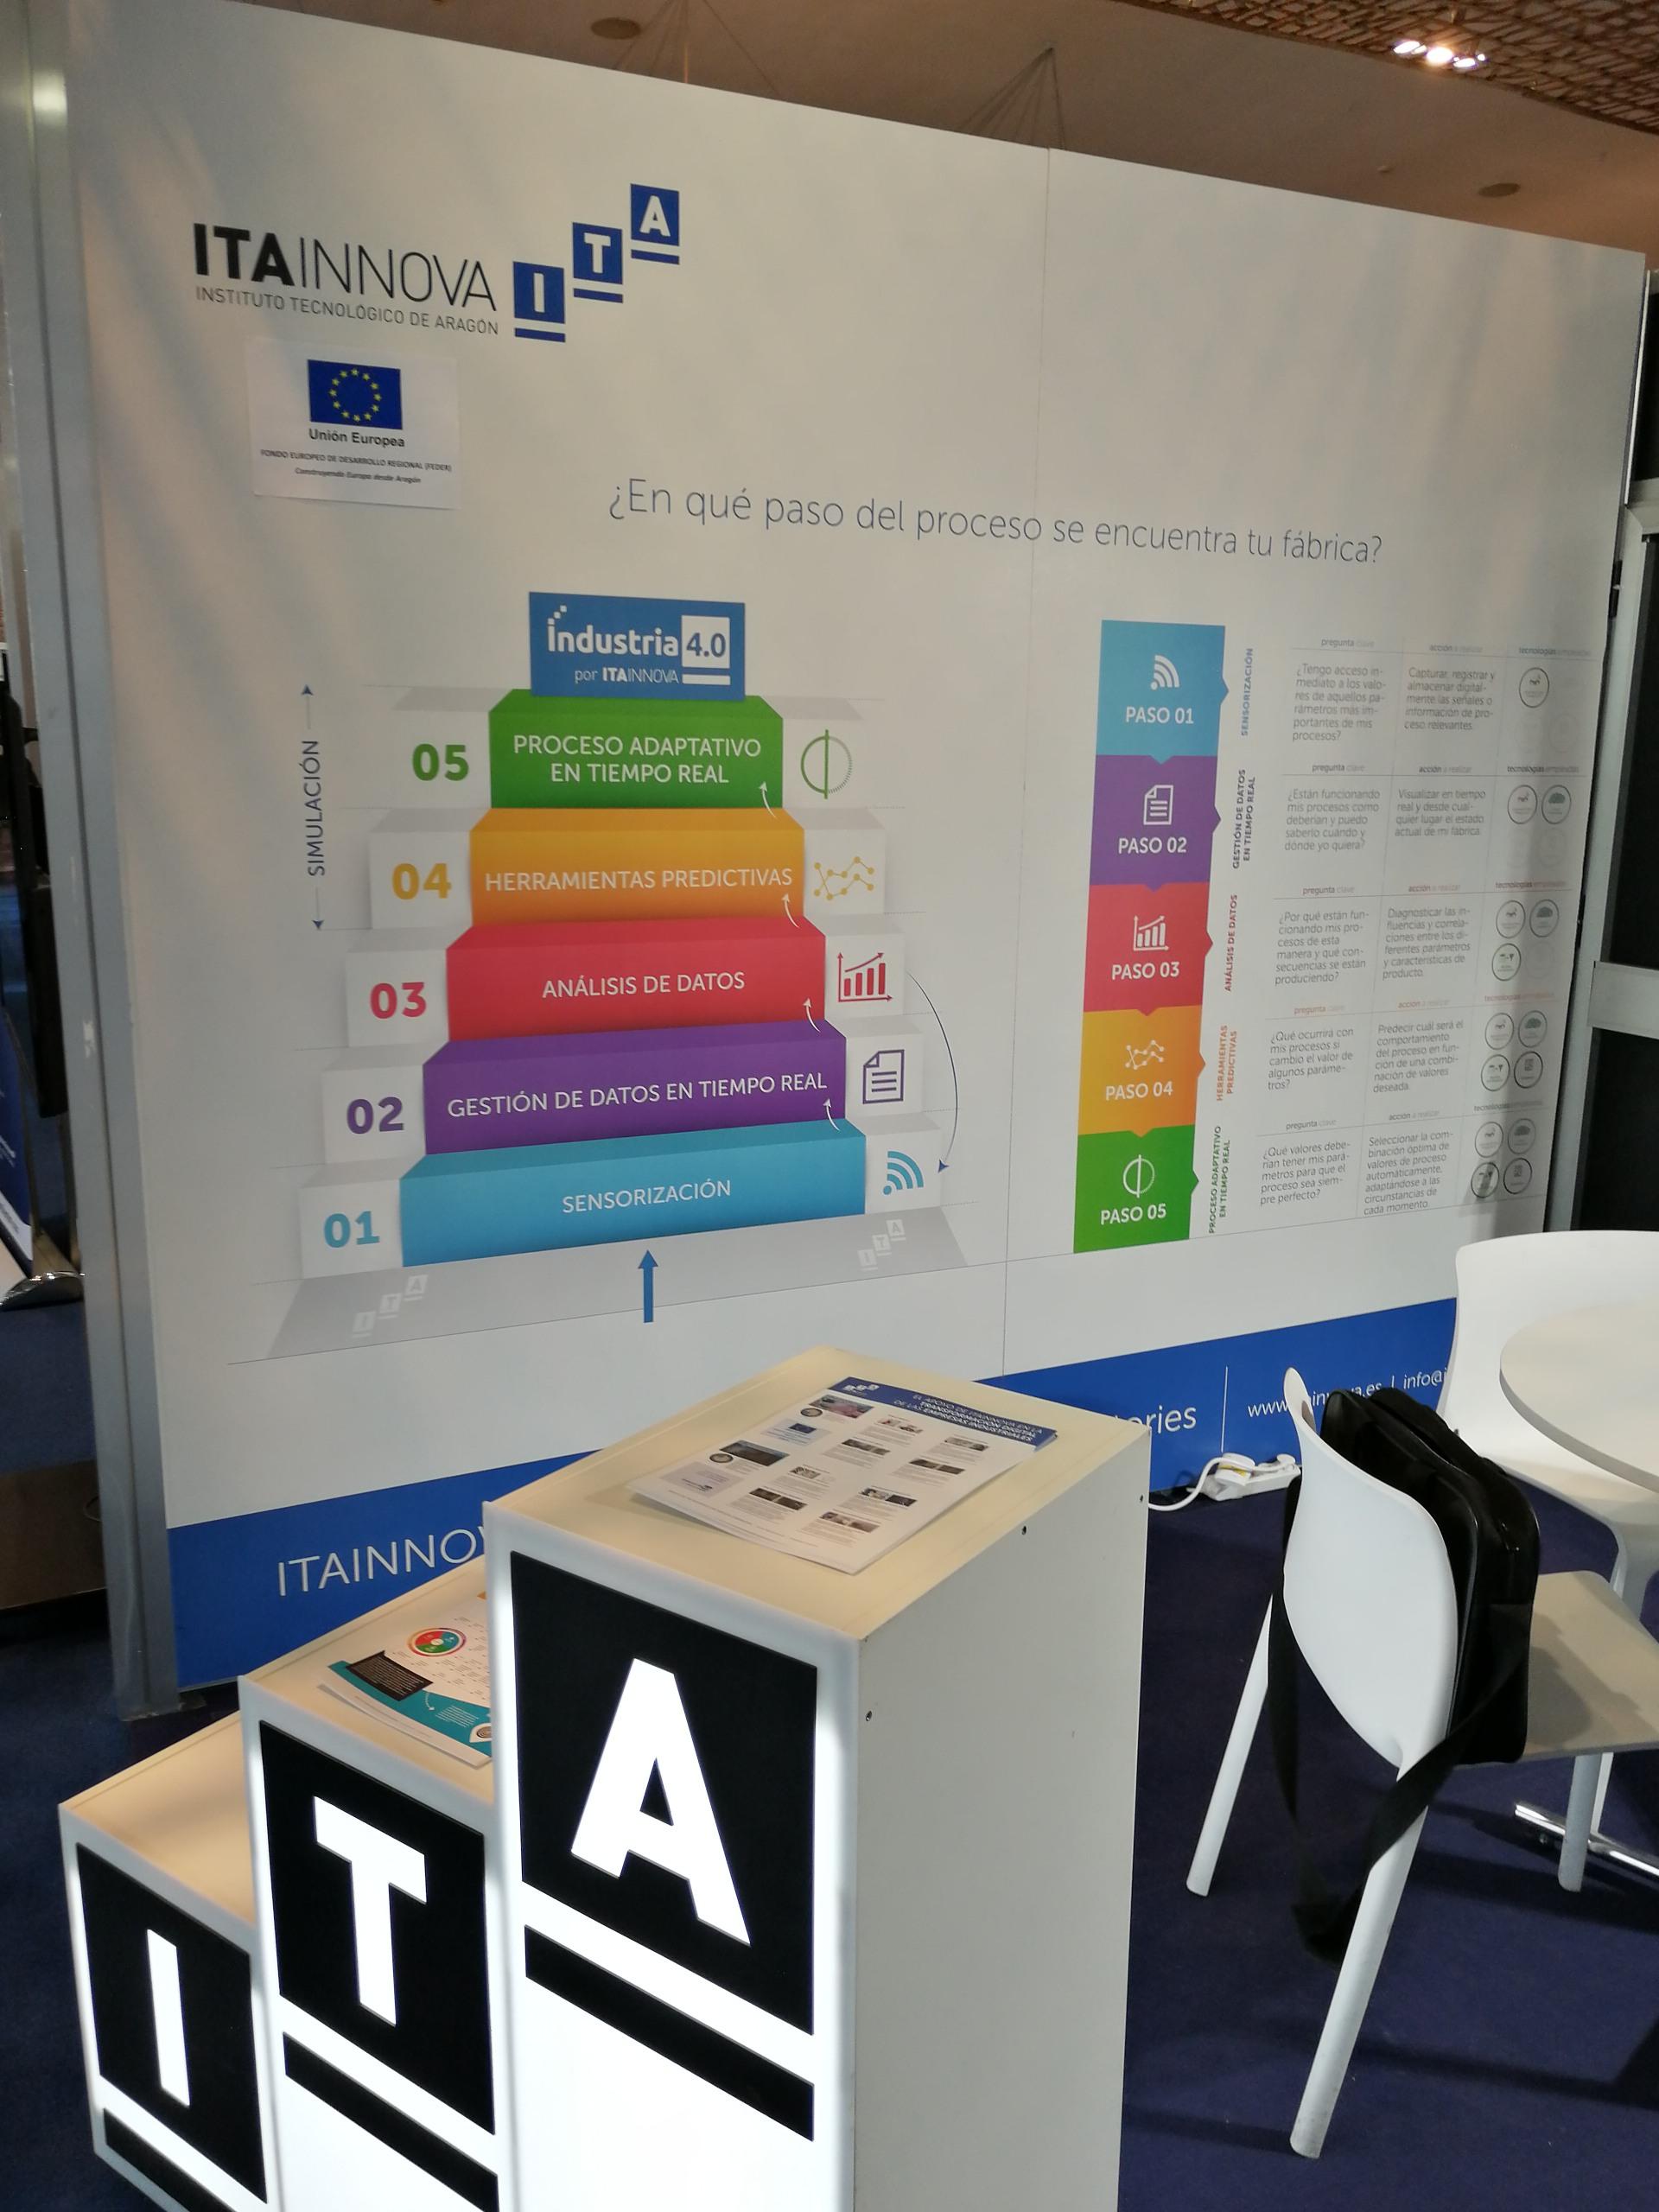 ITAINNOVA lleva a Advanced Factories ejemplos de sus últimos proyectos en industria 4.0